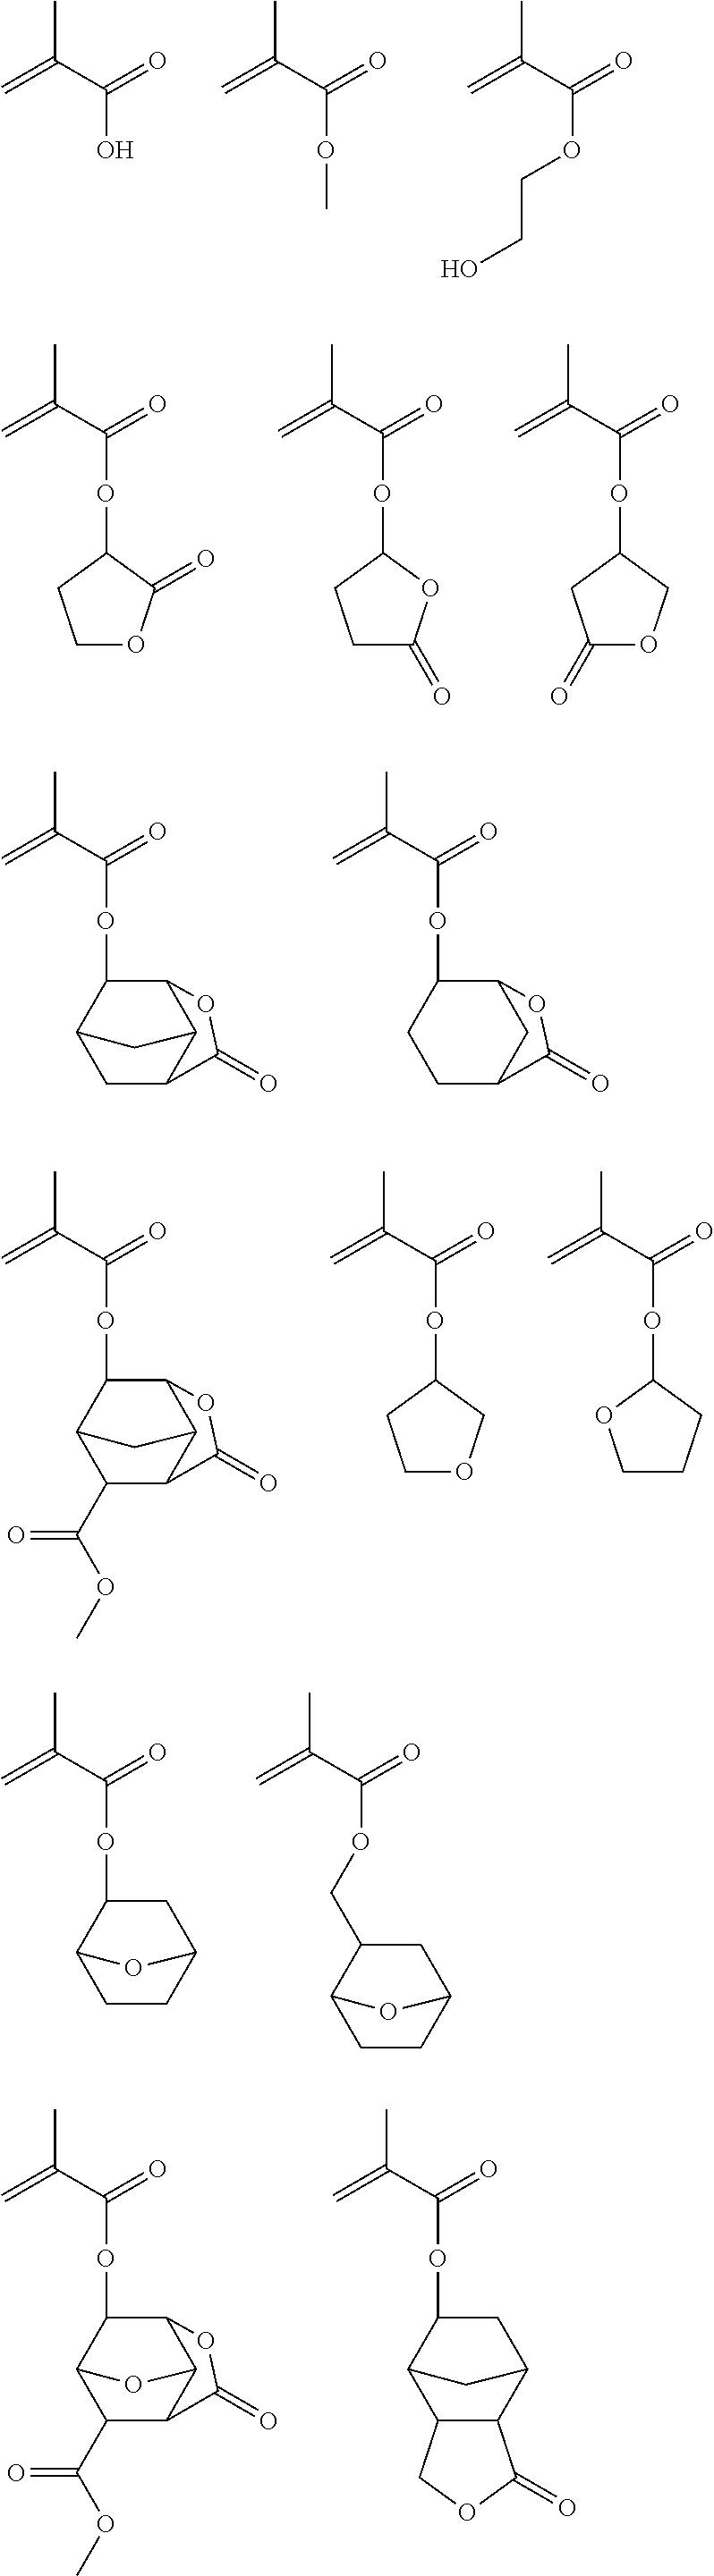 Figure US08129086-20120306-C00014